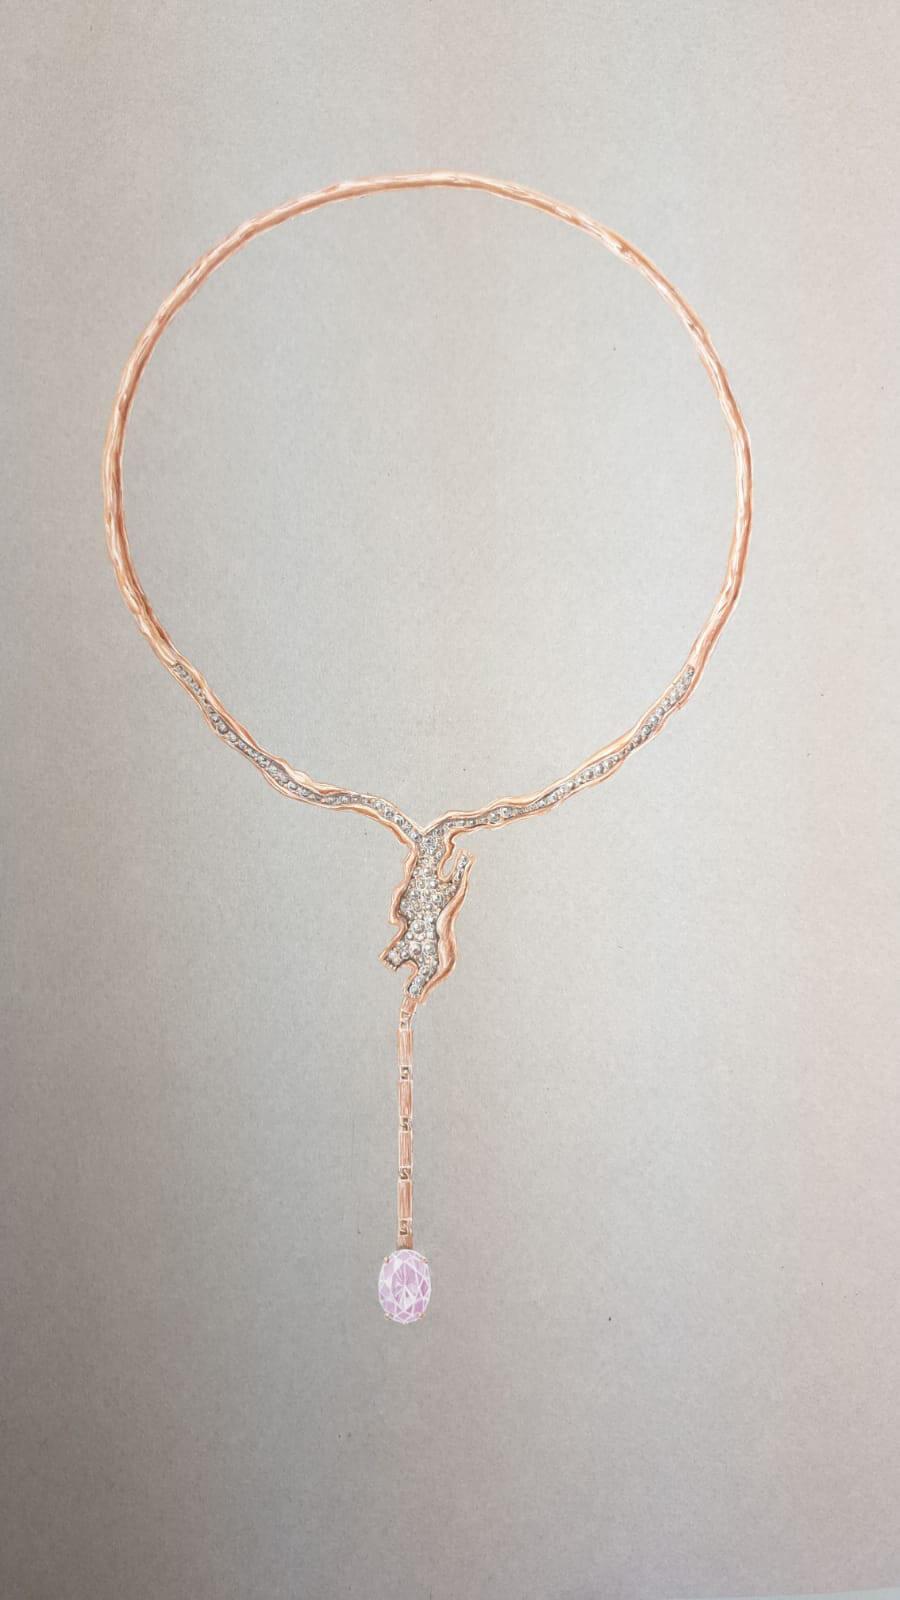 Miscible Collier en or rose serti d'un saphir rose  saphir rose diamants champagnes